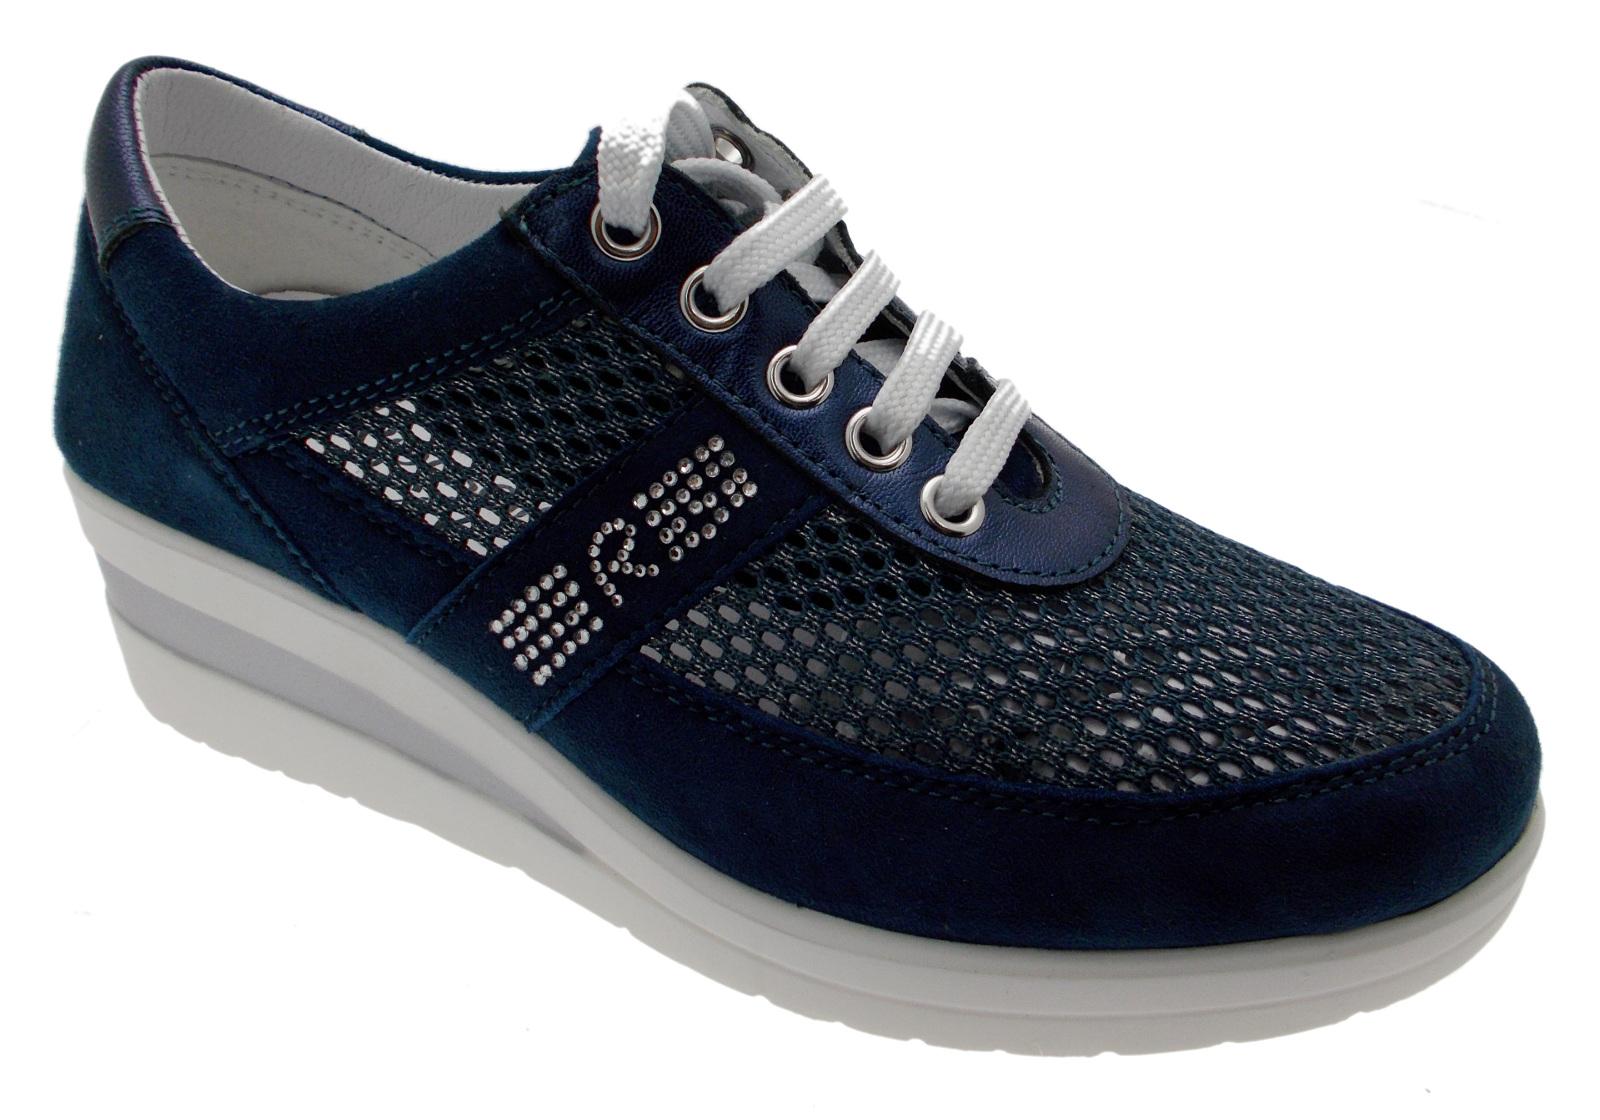 sneaker lacci blu zeppa art 75850 scarpa donna sport plantare Riposella